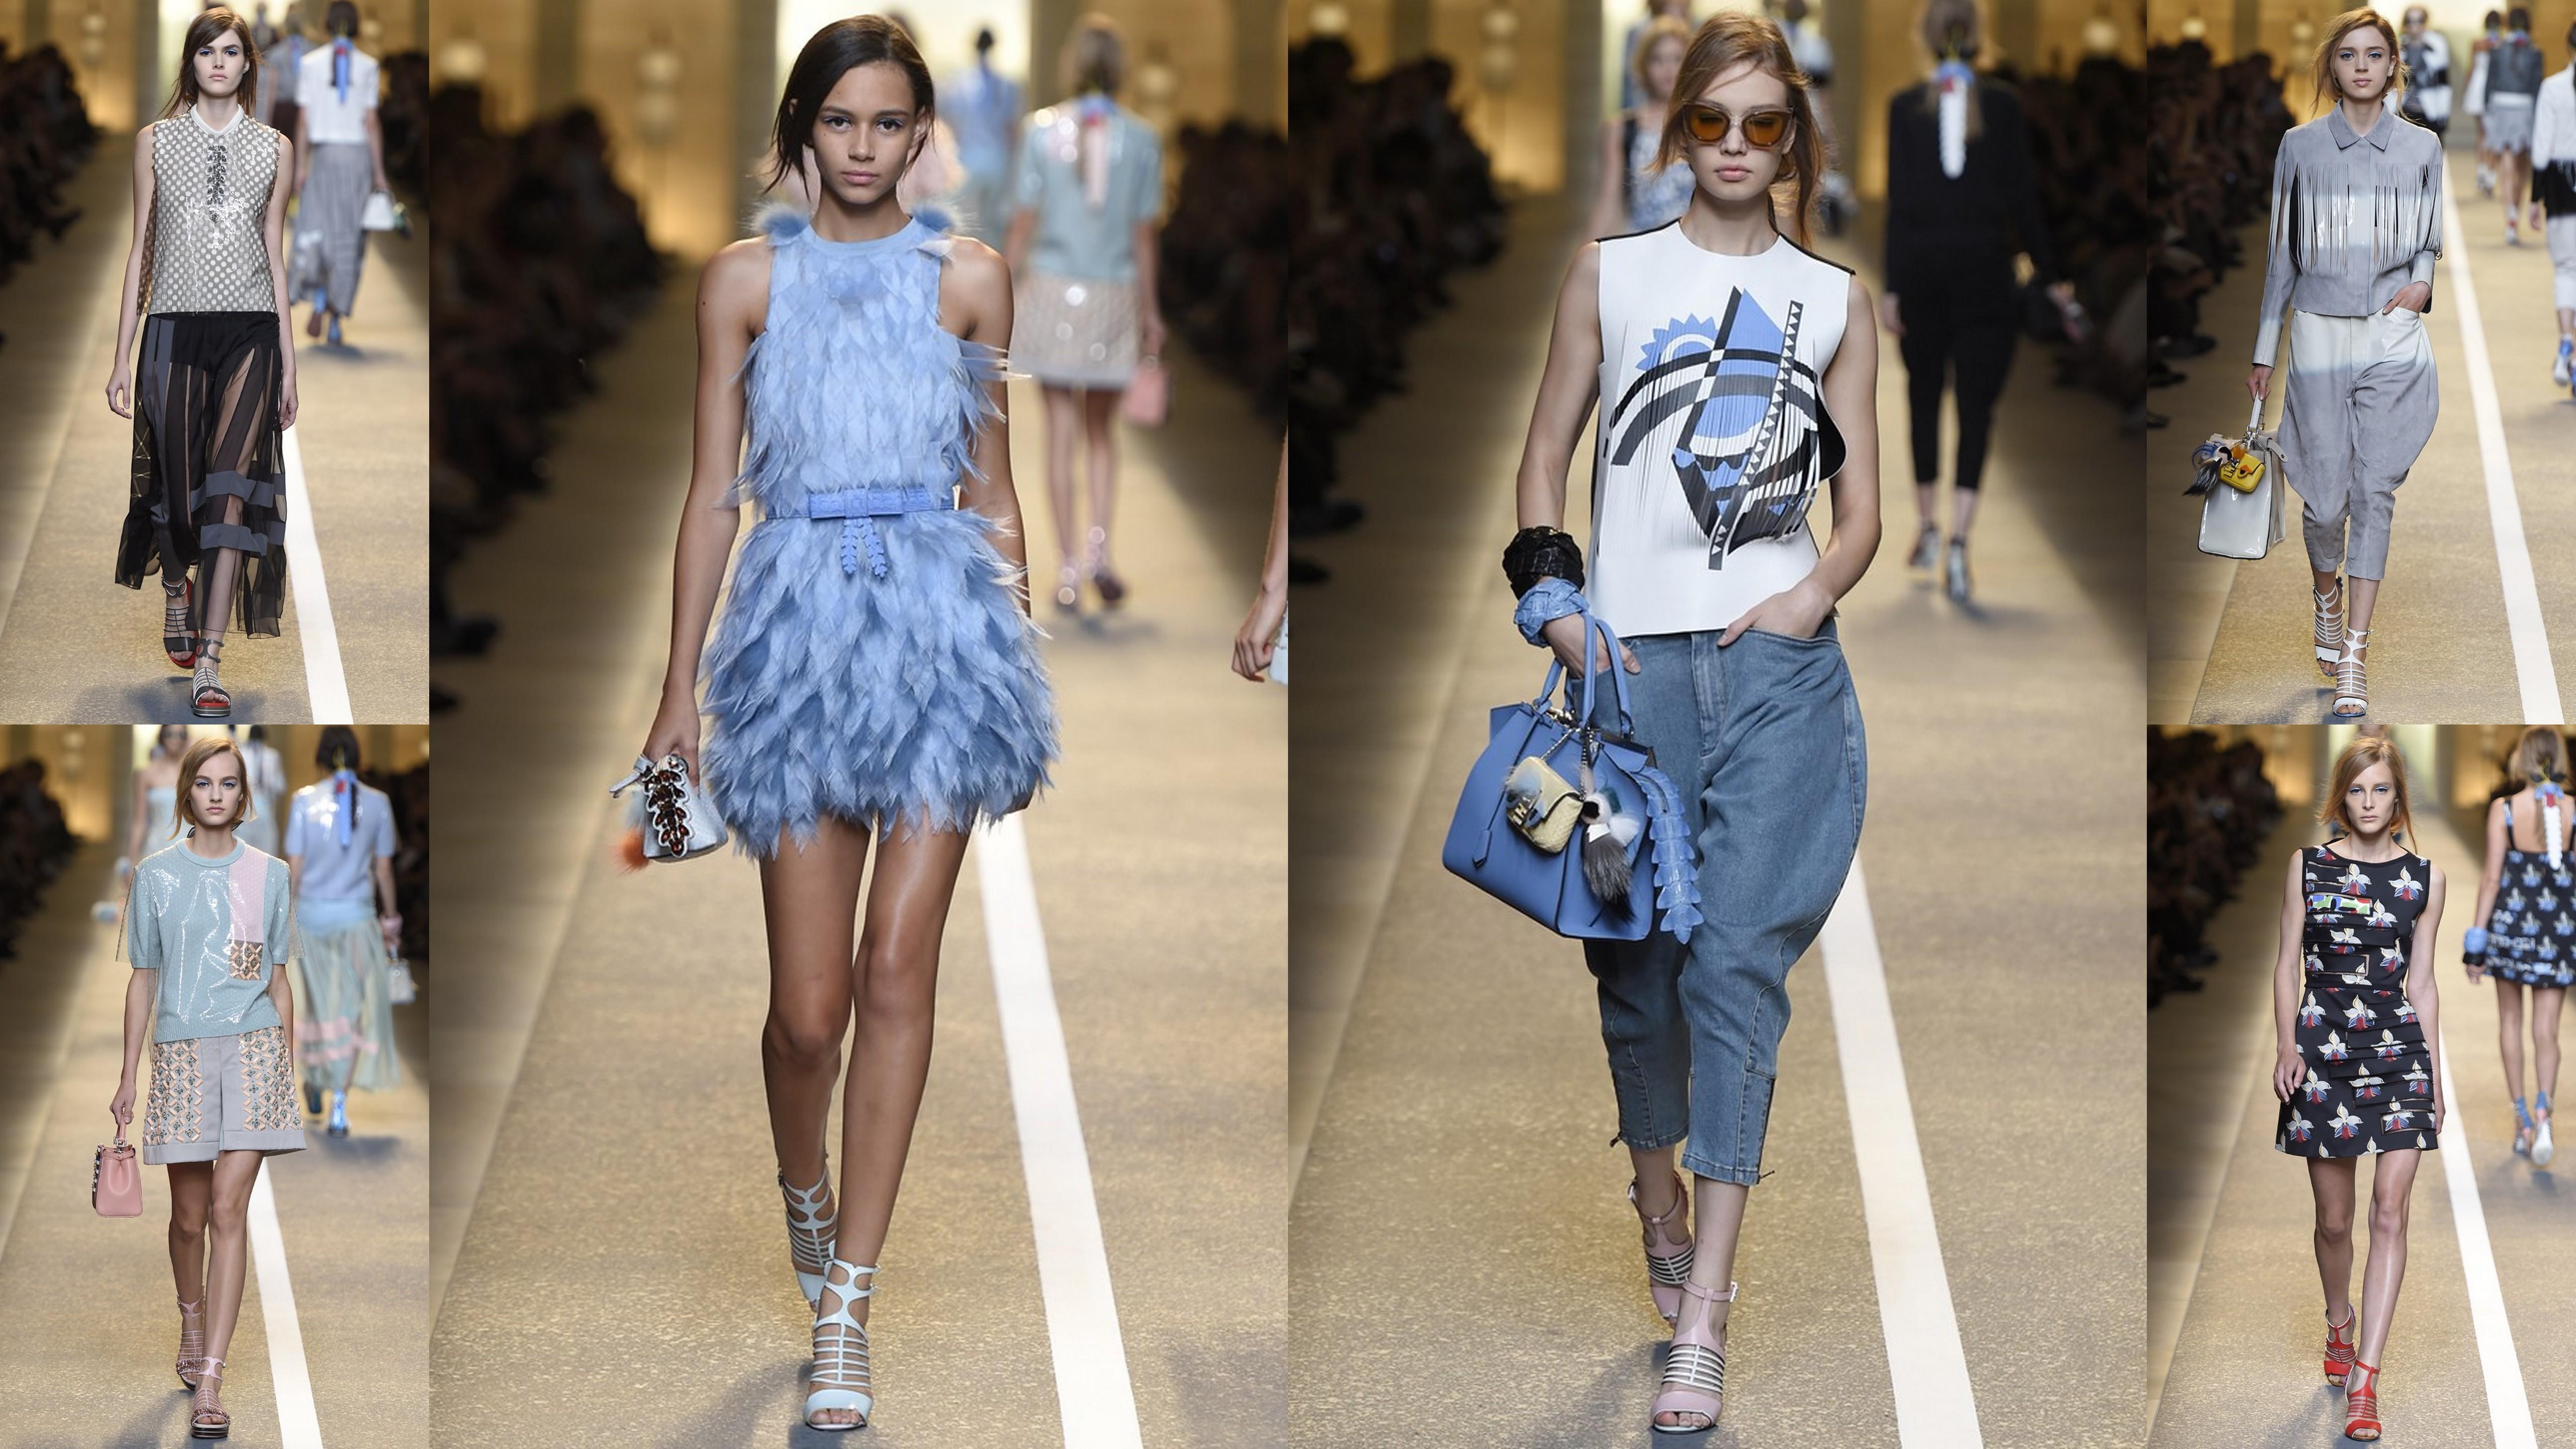 První dojmy z týdne módy v Miláně